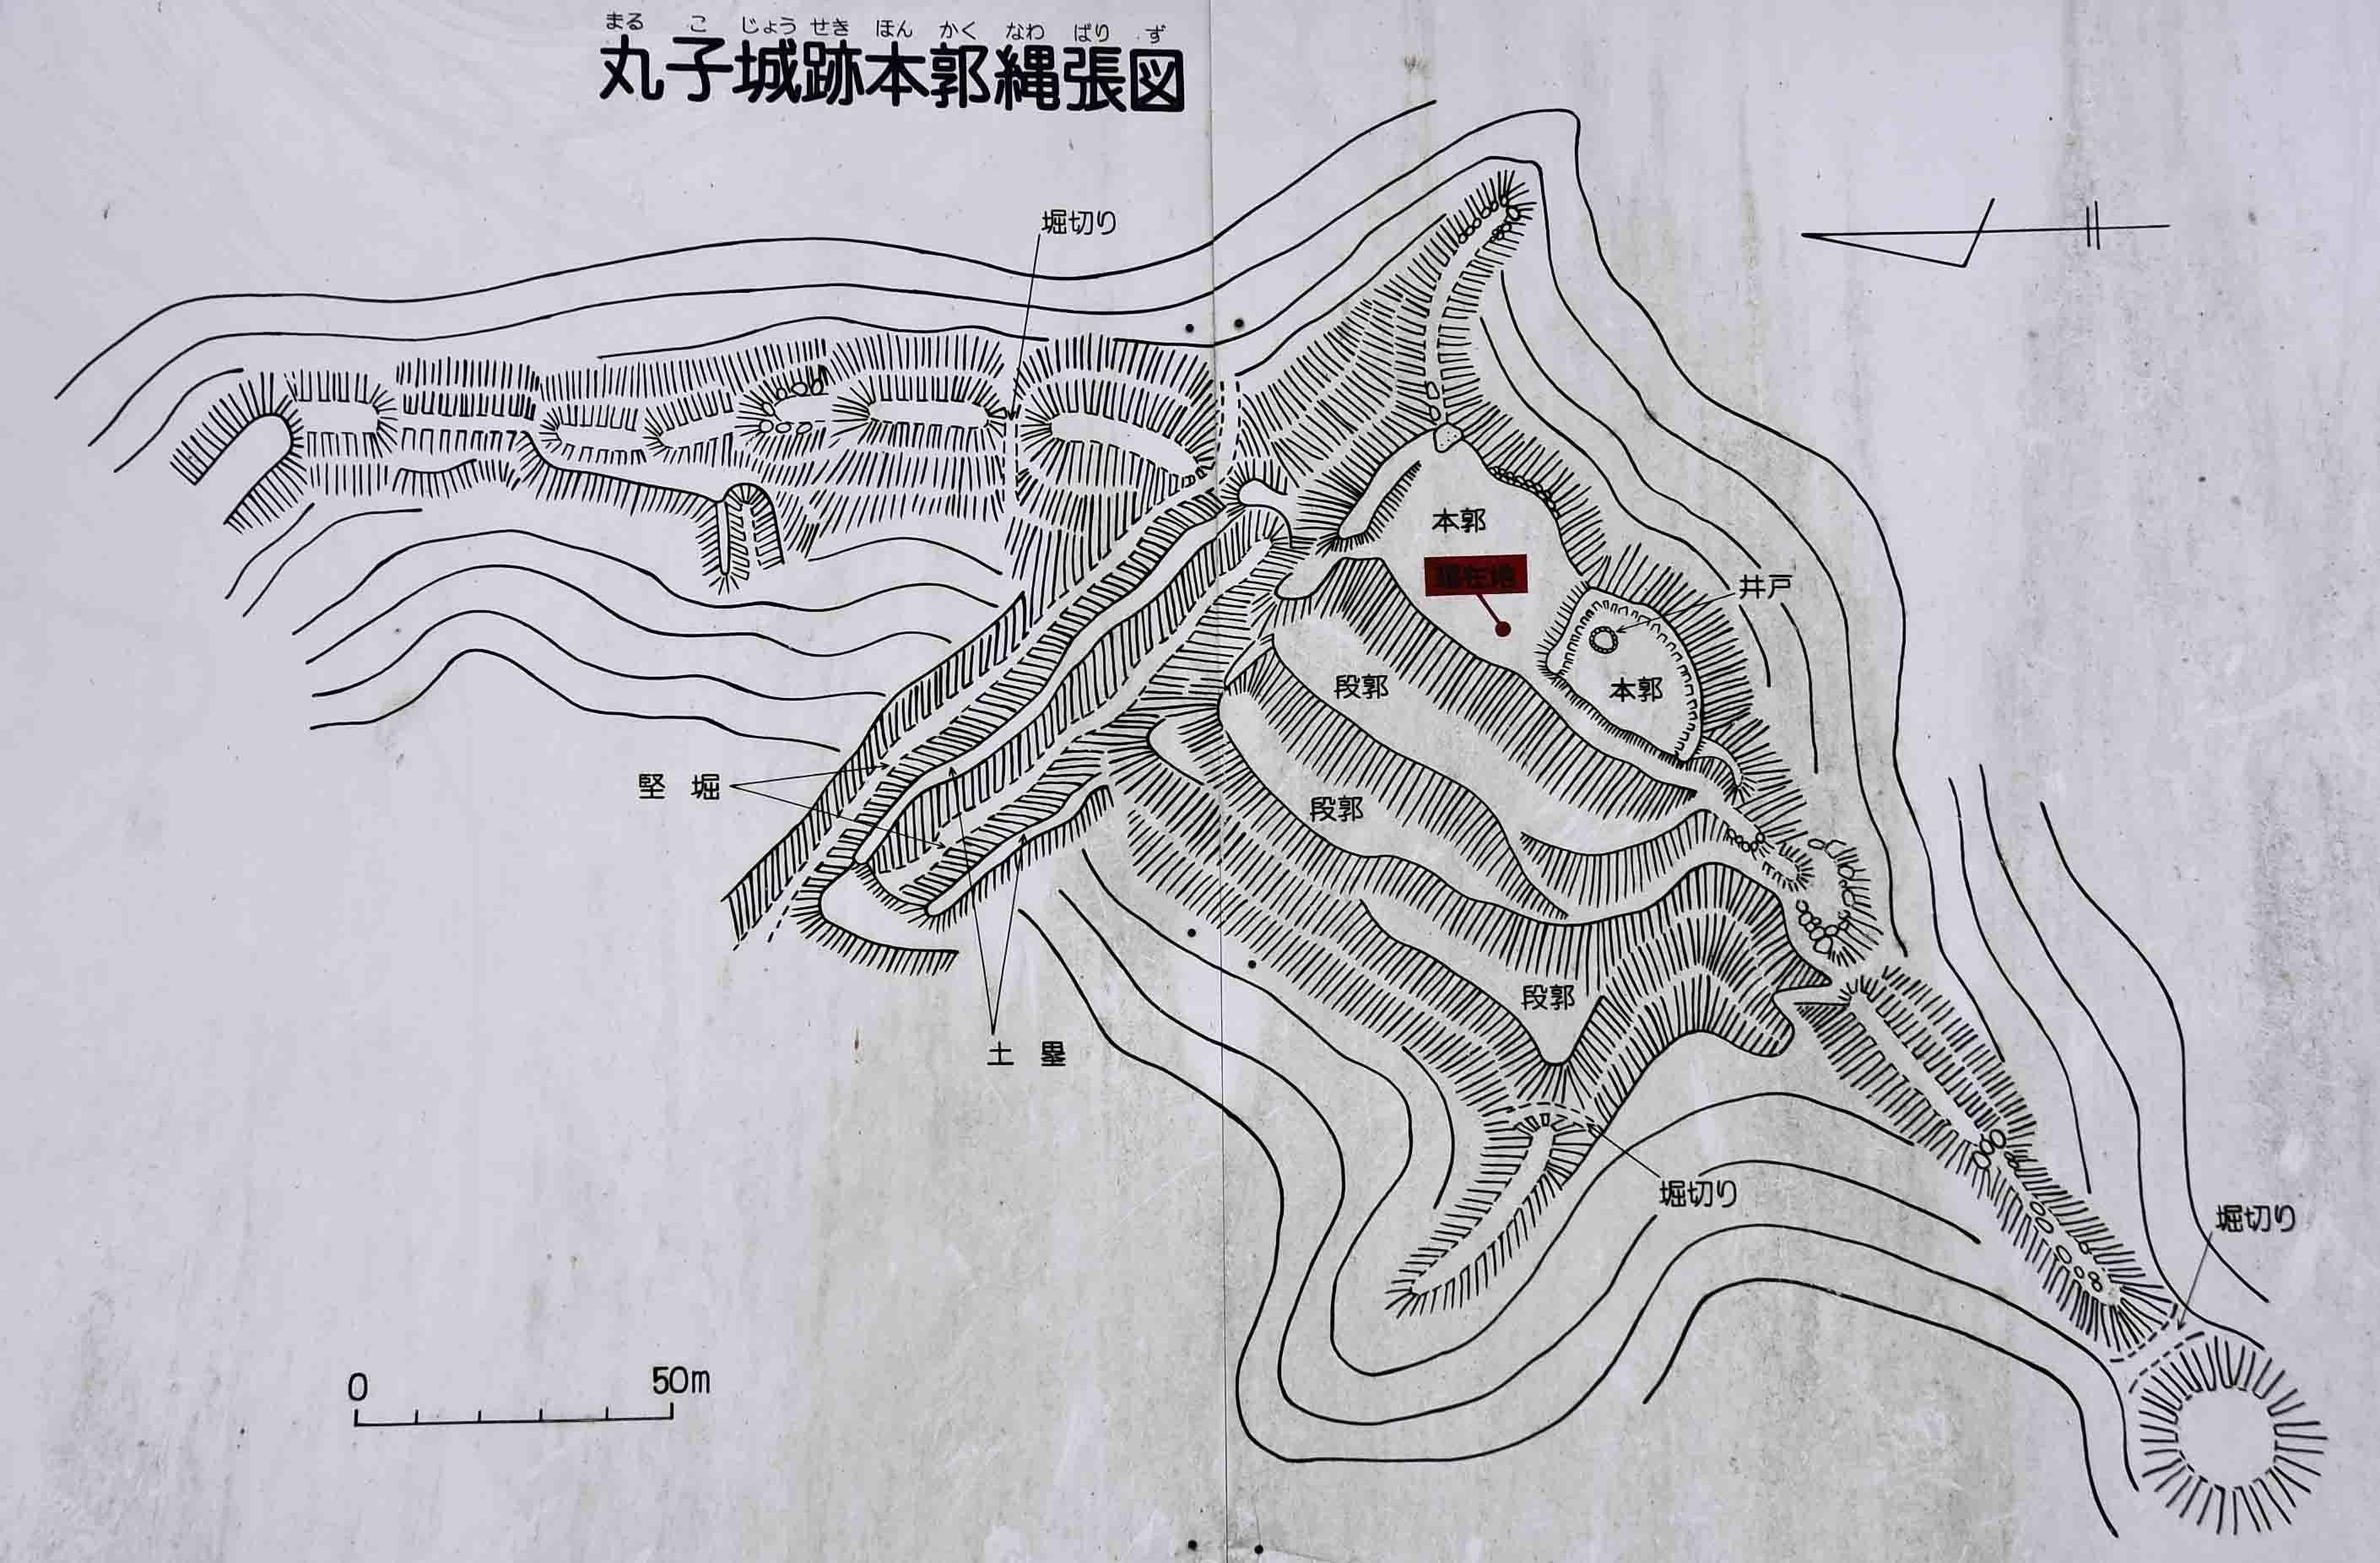 丸子城 現地説明板の縄張り図